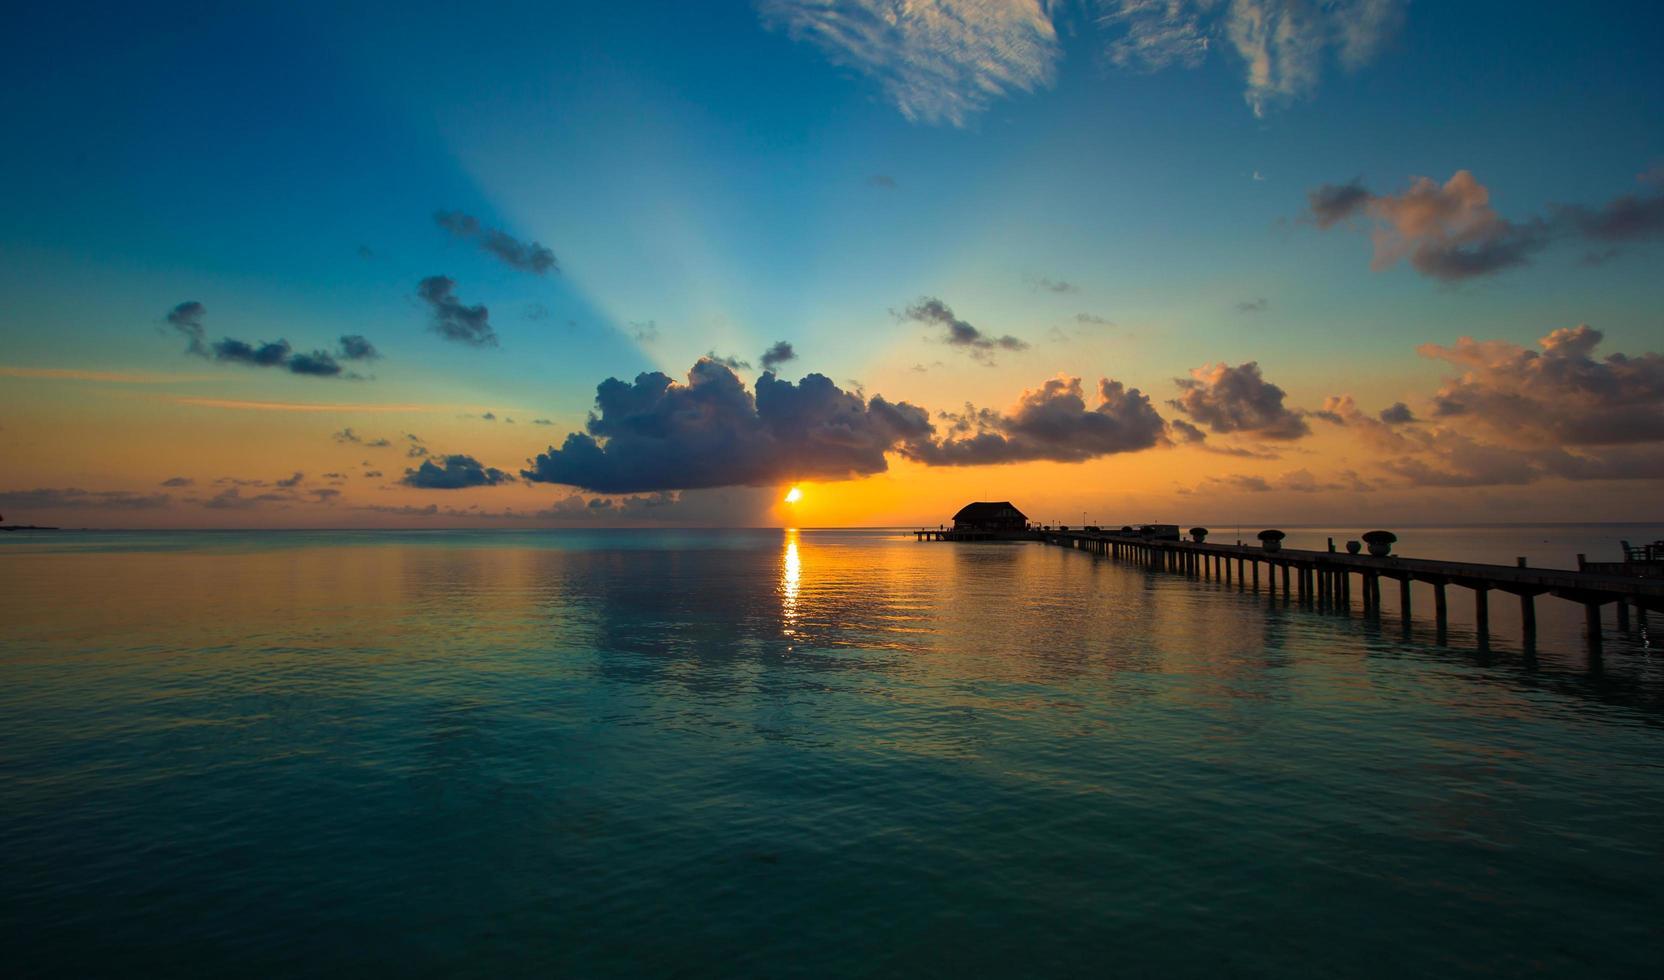 maldives, asie du sud, 2020 - coucher de soleil coloré sur une île tropicale photo